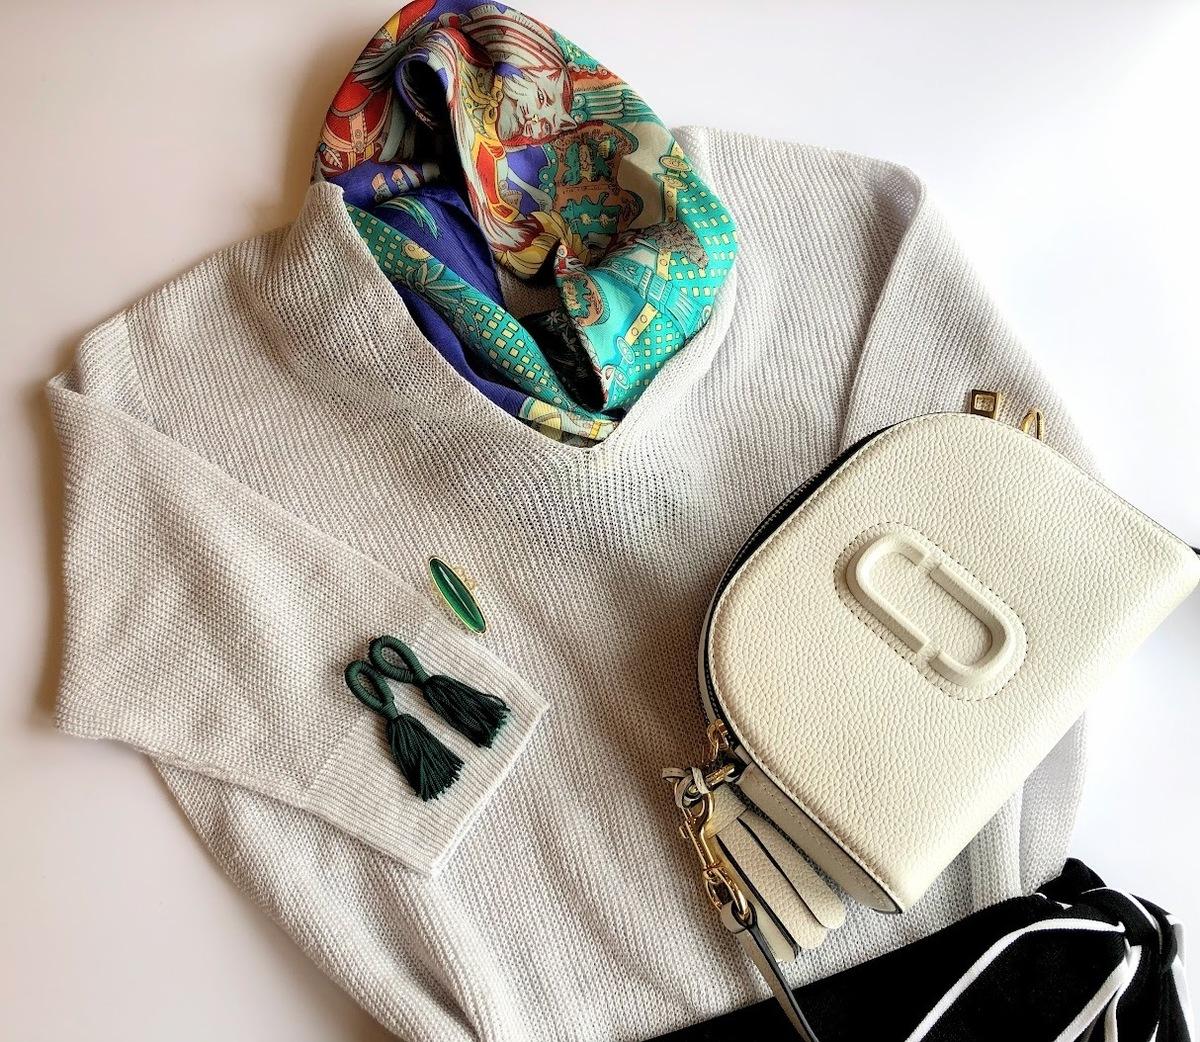 GWの旅行で何着る? 少ない服でおしゃれに見せる3泊4日コーデの考え方